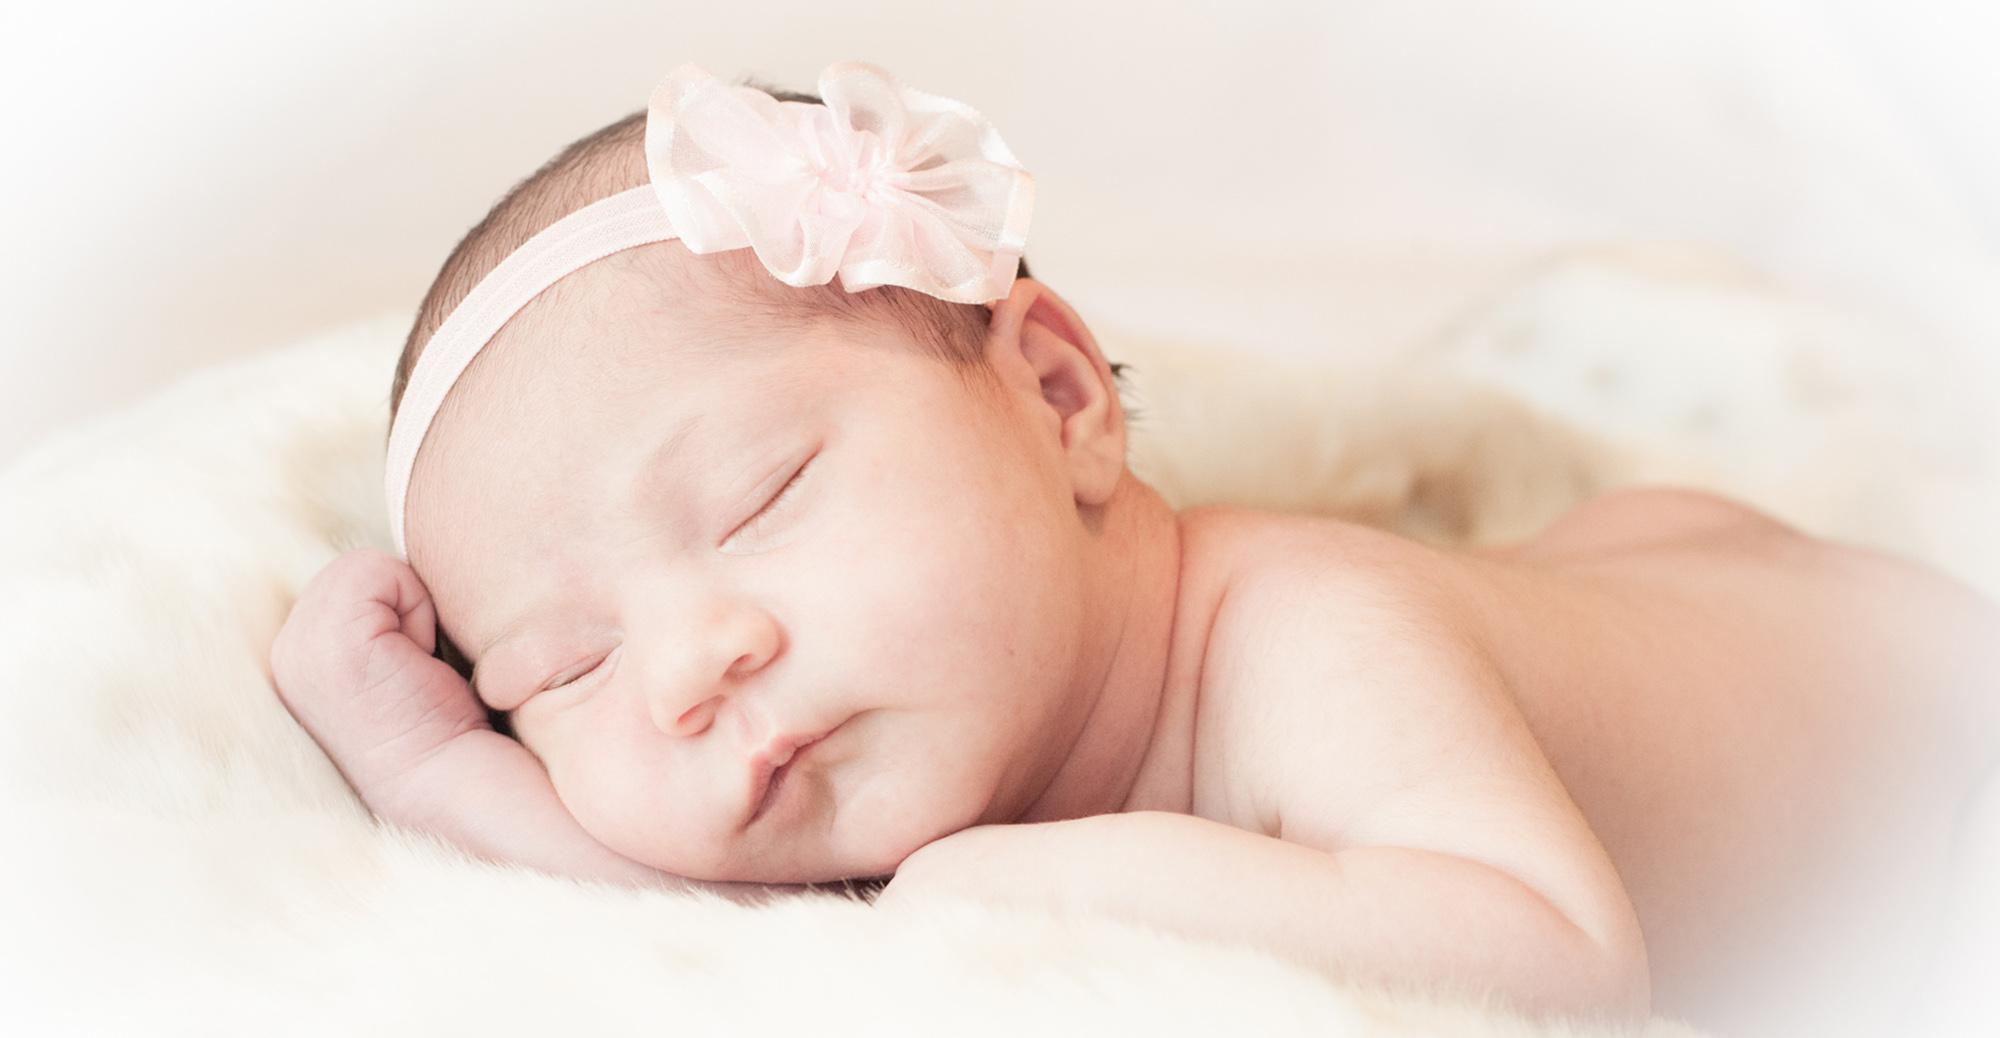 newborn_photo11.jpg